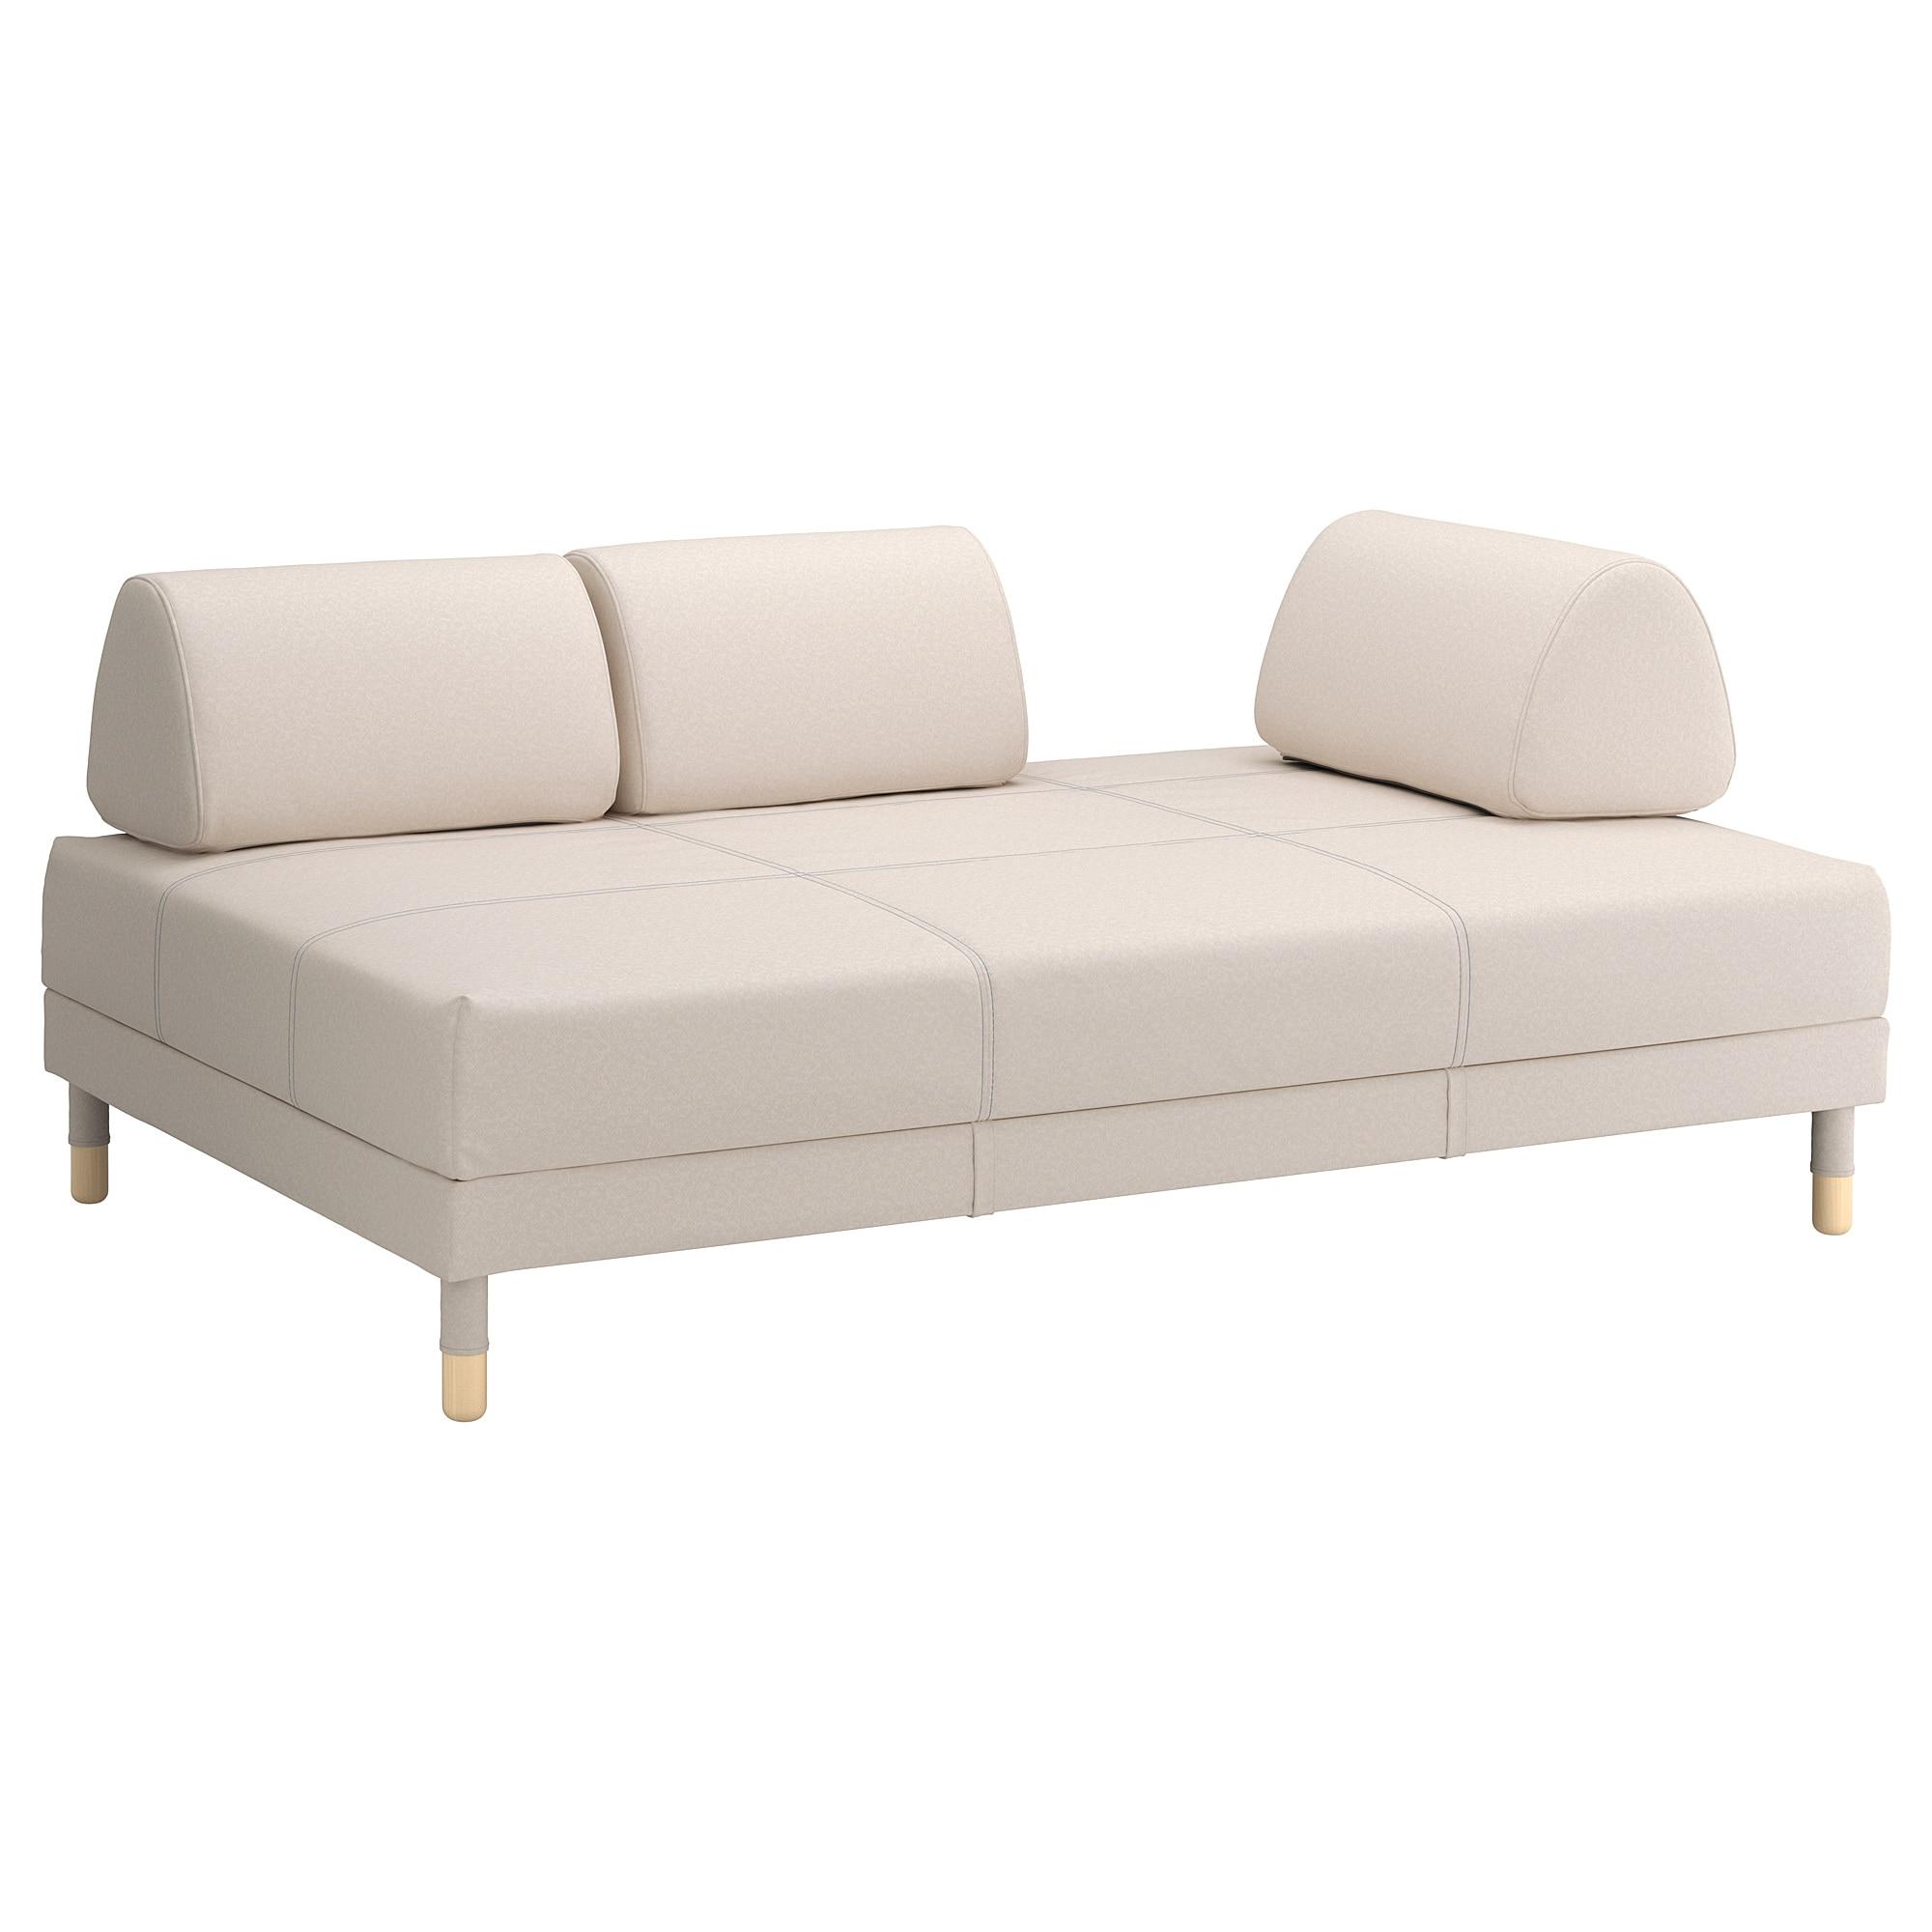 Funda sofa Cama E6d5 Flottebo Funda sofà Cama Lofallet Beige 120 Cm Ikea